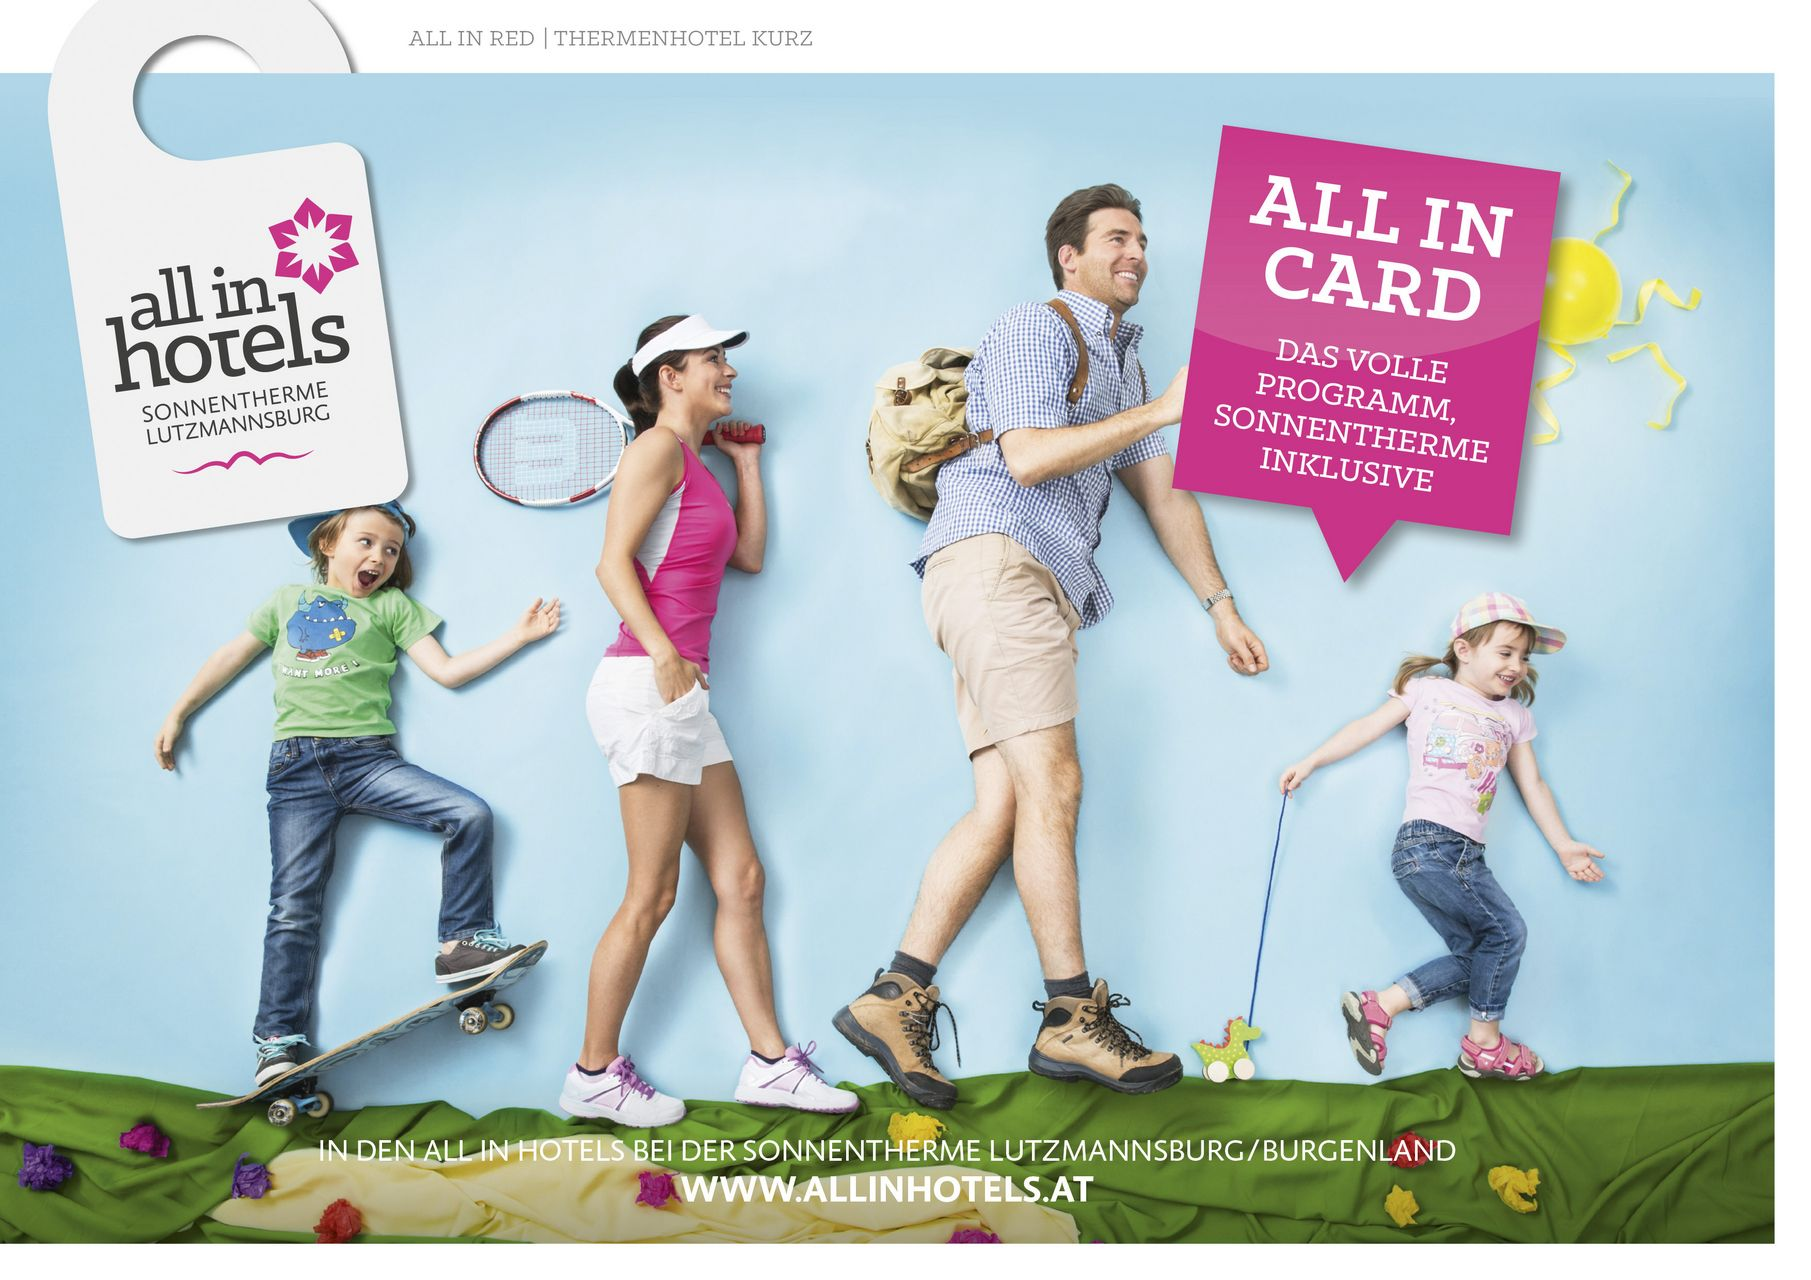 ALL IN Hotels - Glückliche Familie beim Wandern, Tennis, Schwimmen, Golfen, Minigolf, Skaten,  mit der ALL IN CARD